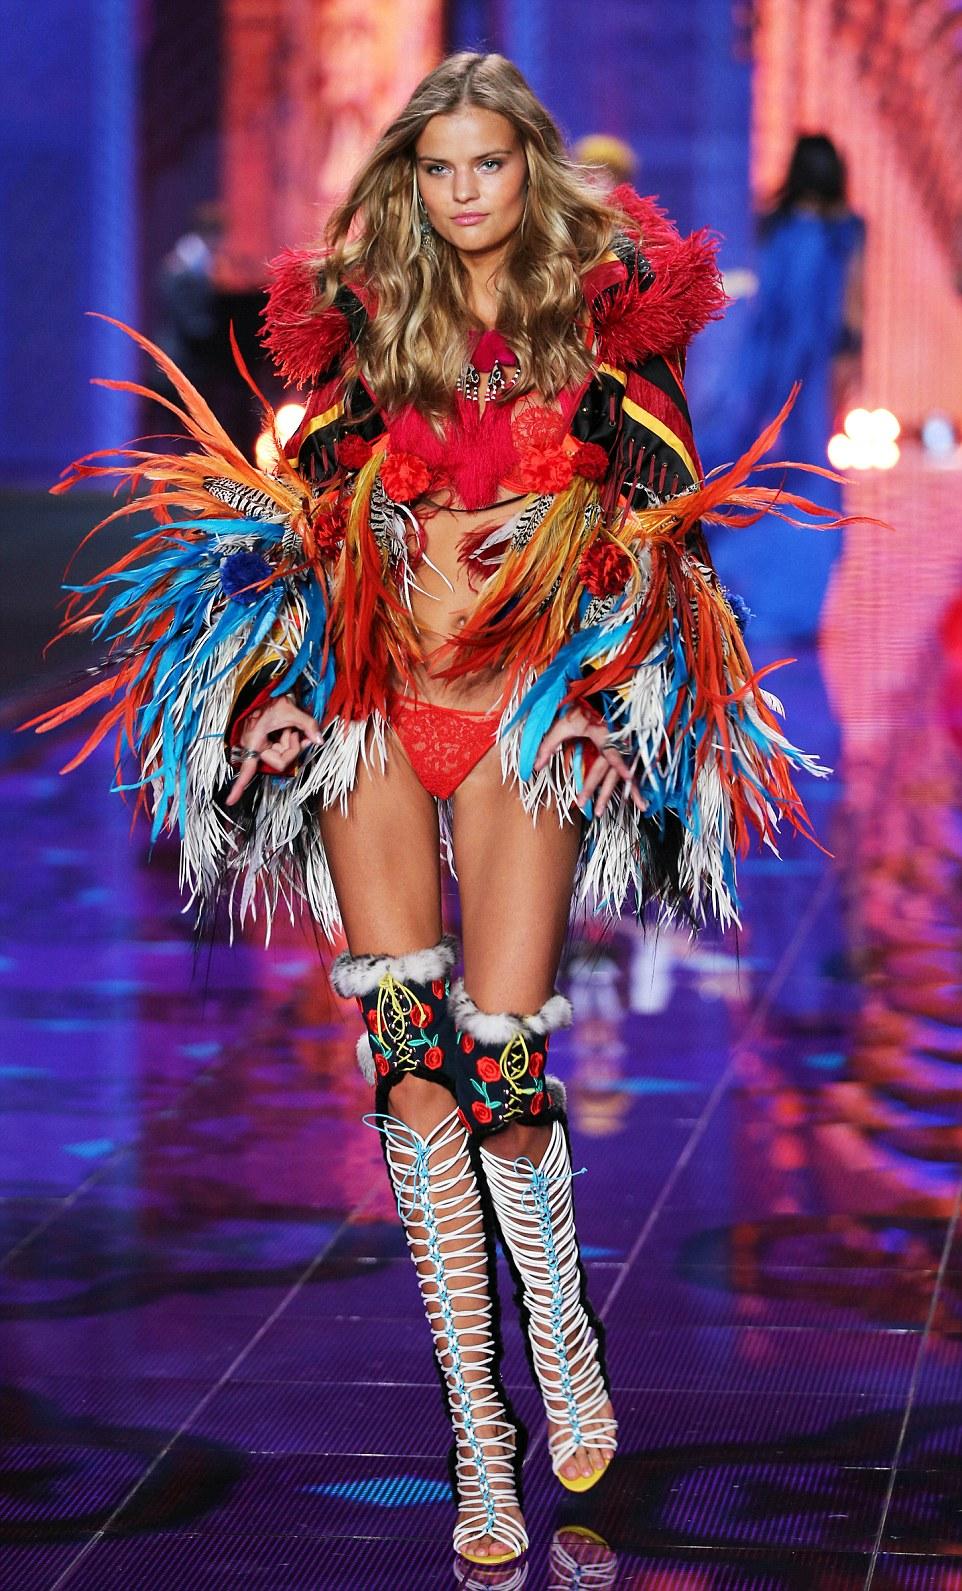 Victoria Secrets fashion show